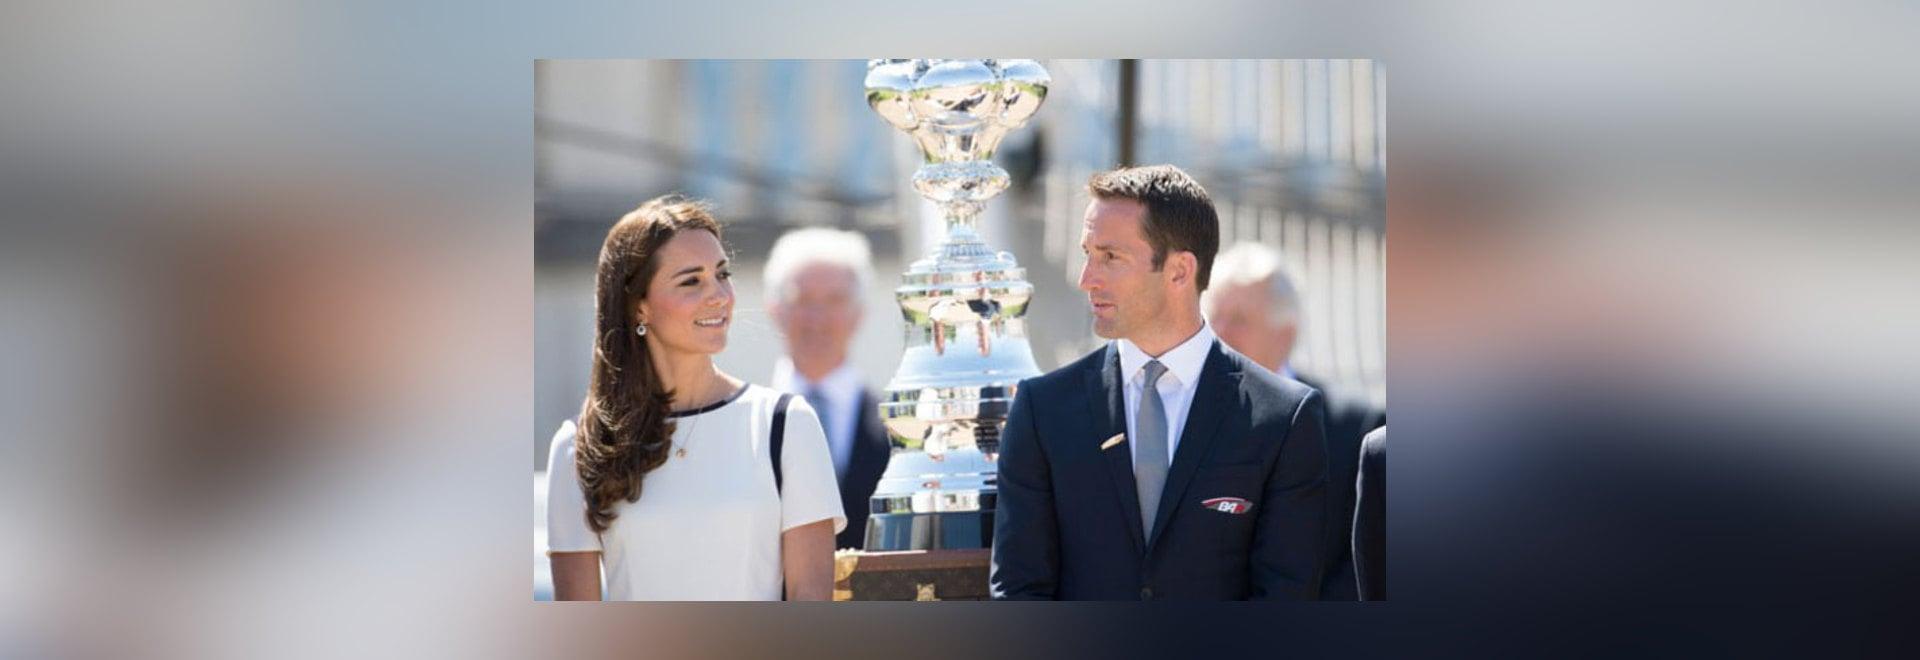 Kate Middleton et Ben Ainslie lançant la tasse des Anglais Amérique contestent le crédit : OnEdition